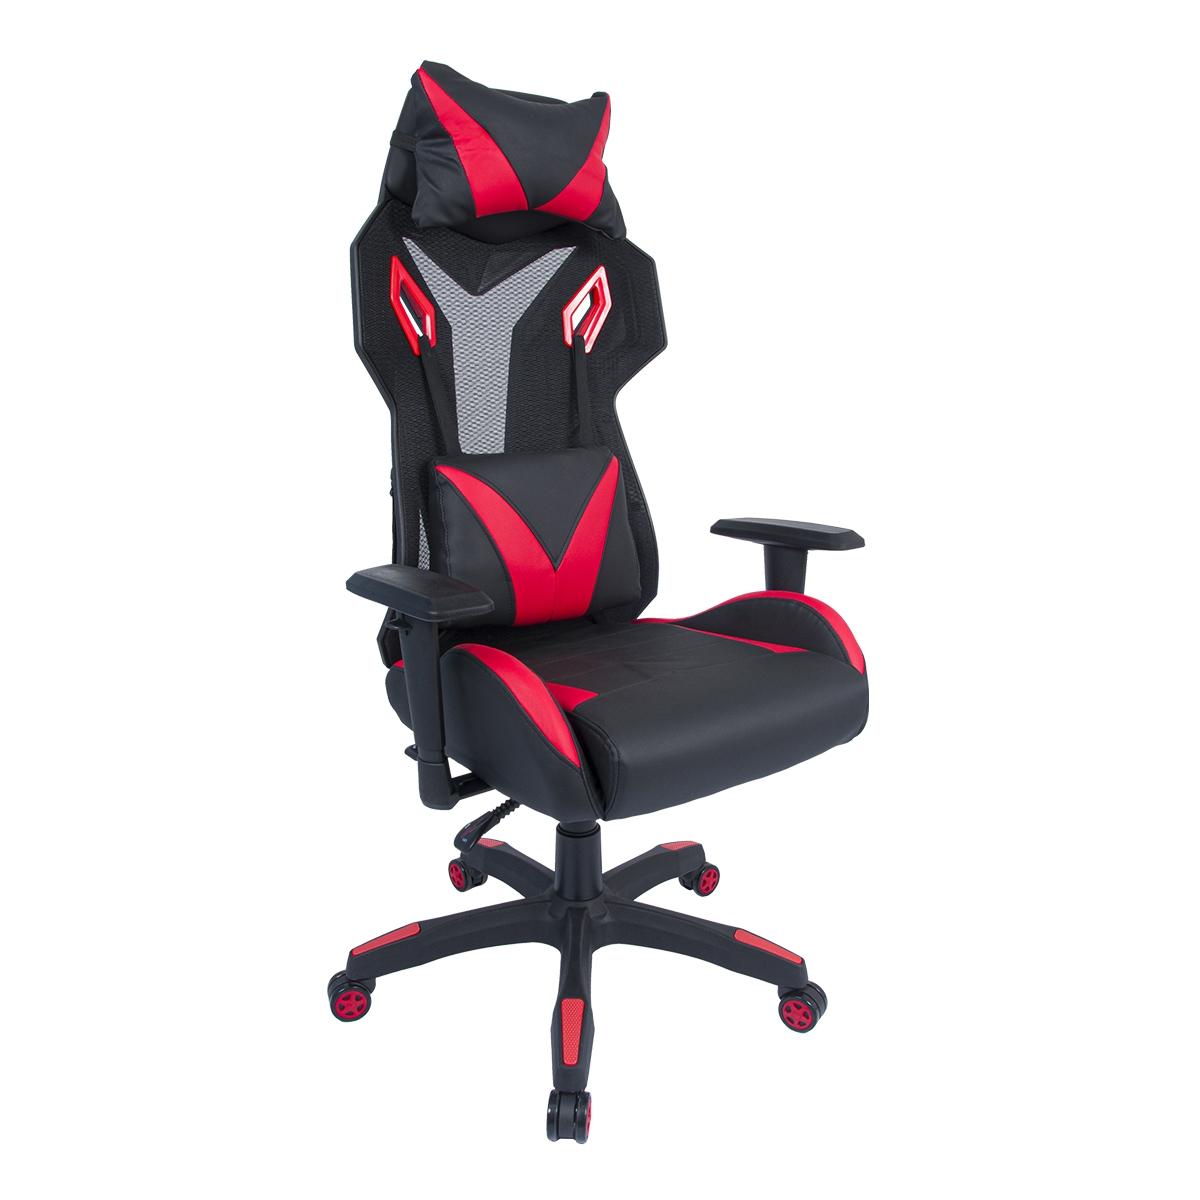 Cadeira Gamer Pelegrin em Couro PU Reclinável PEL-3014 Preta e Vermelha